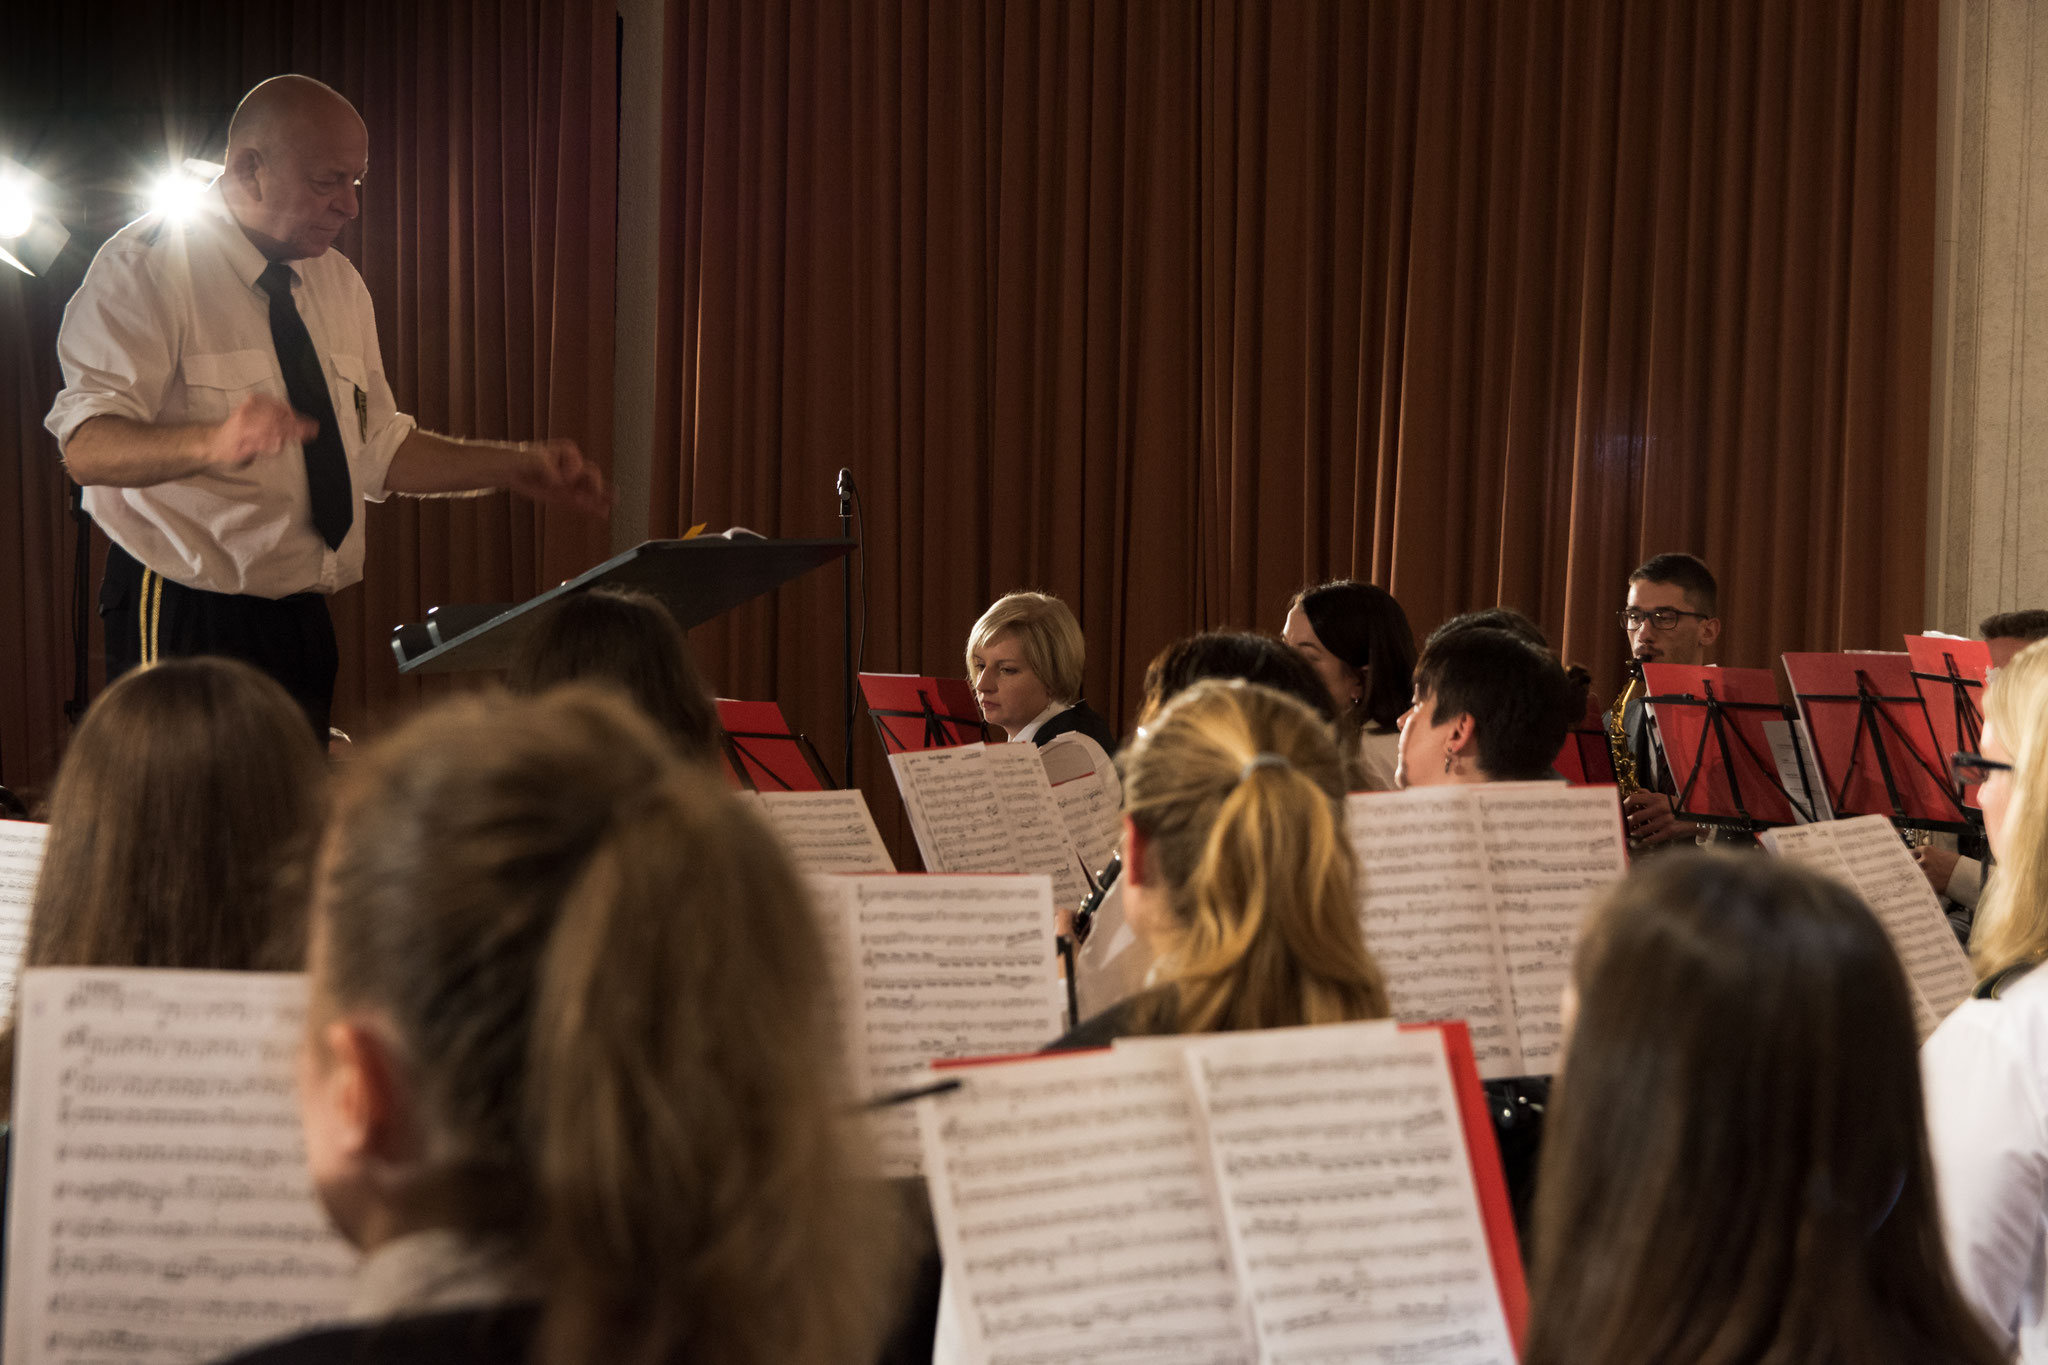 Auch Markus Eichinger aus Hettenleidelheim bewährte sich als Dirigent des Gemeinschaftsorchesters.